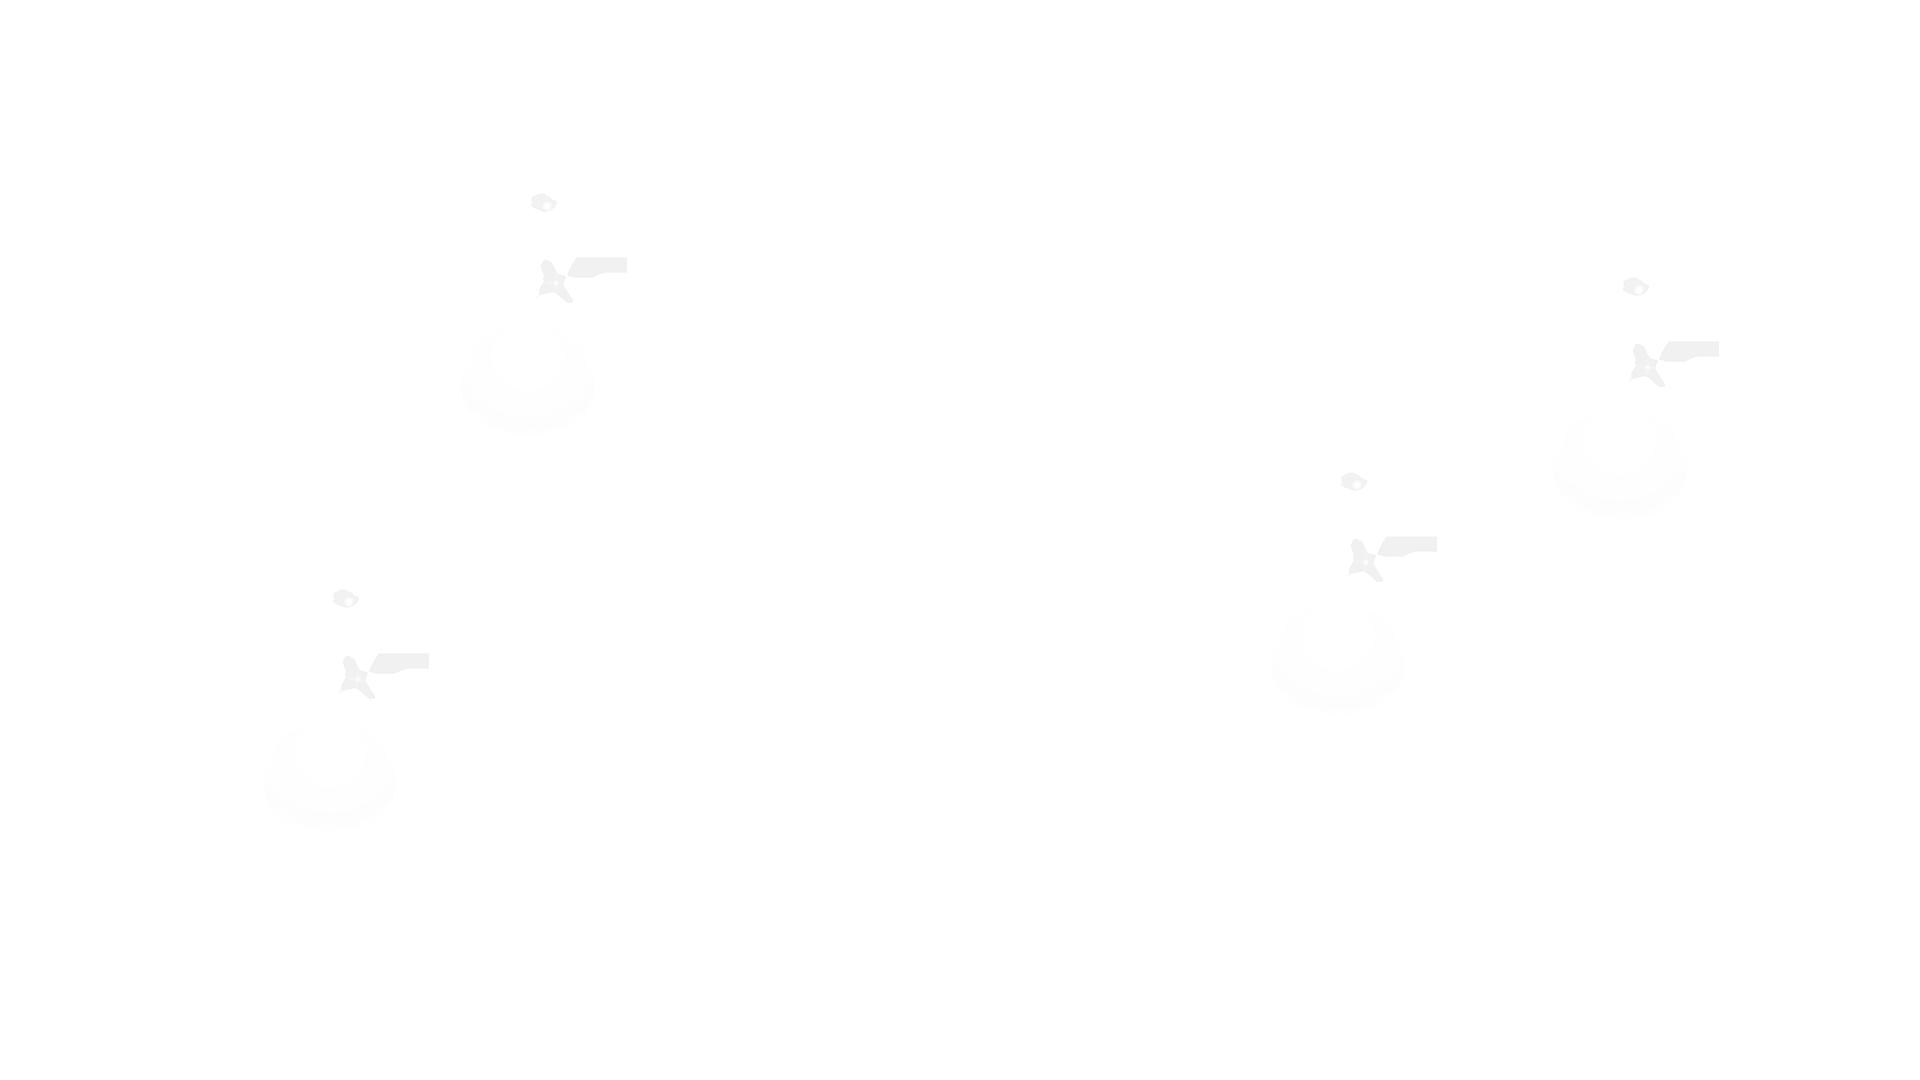 electricien-electricite generale-installation electrique-depannage electrique-panne electrique-automatisme-domotique-entreprise d'electricite-travaux electriques